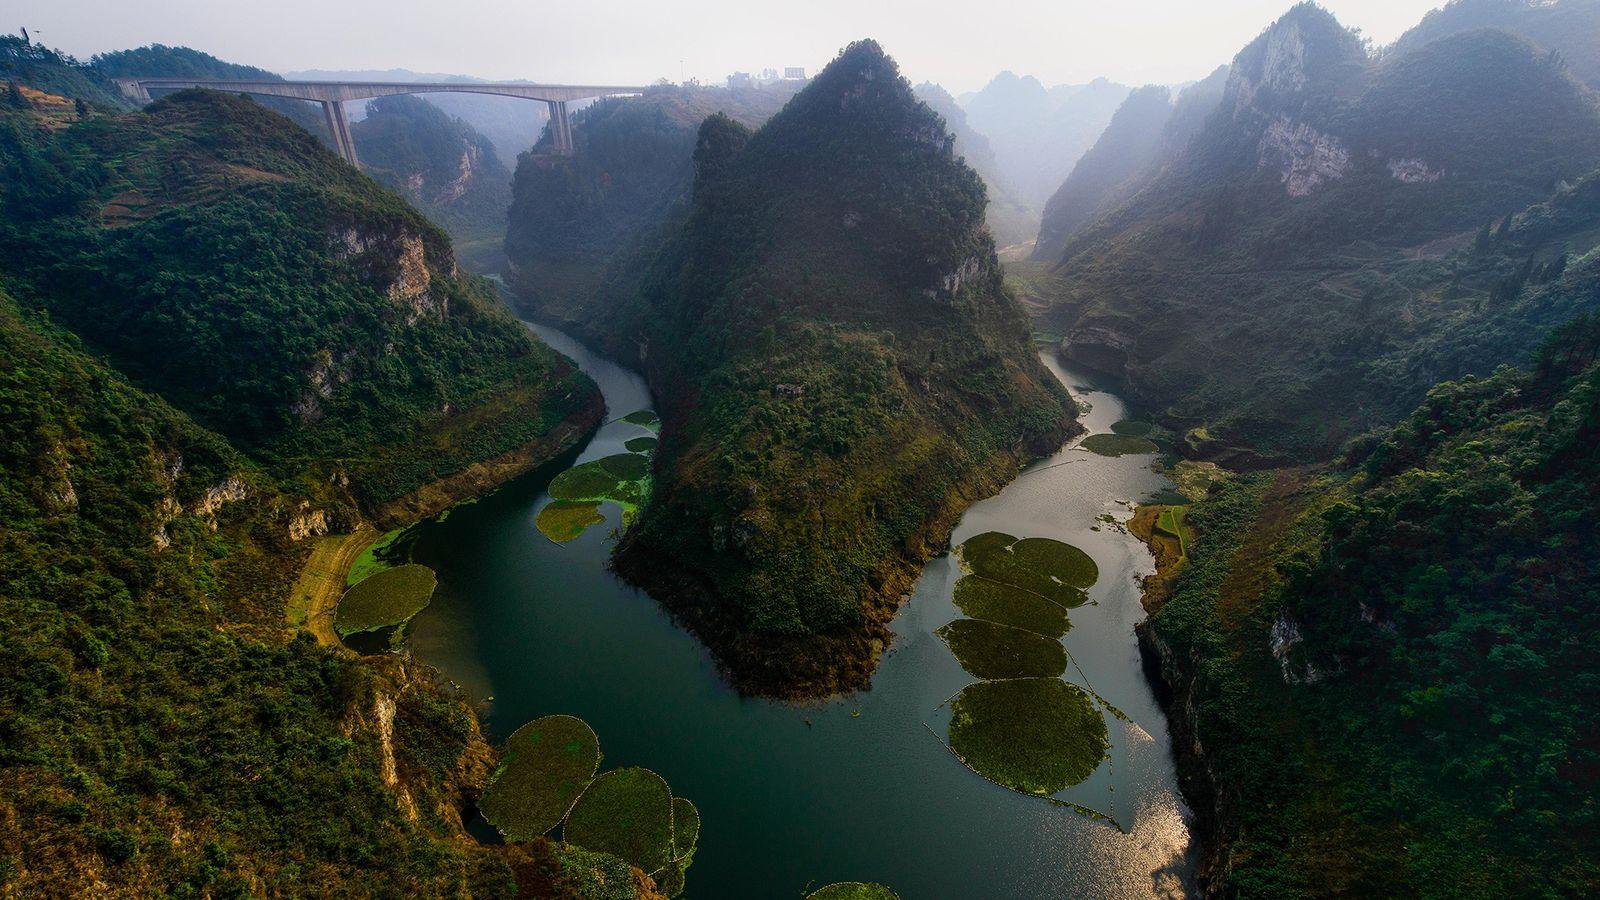 Die Schluchten in der chinesischen Provinz Guizhou leuchten im Sonnenlicht. Zahnfossilien aus der Provinz deuten darauf ...